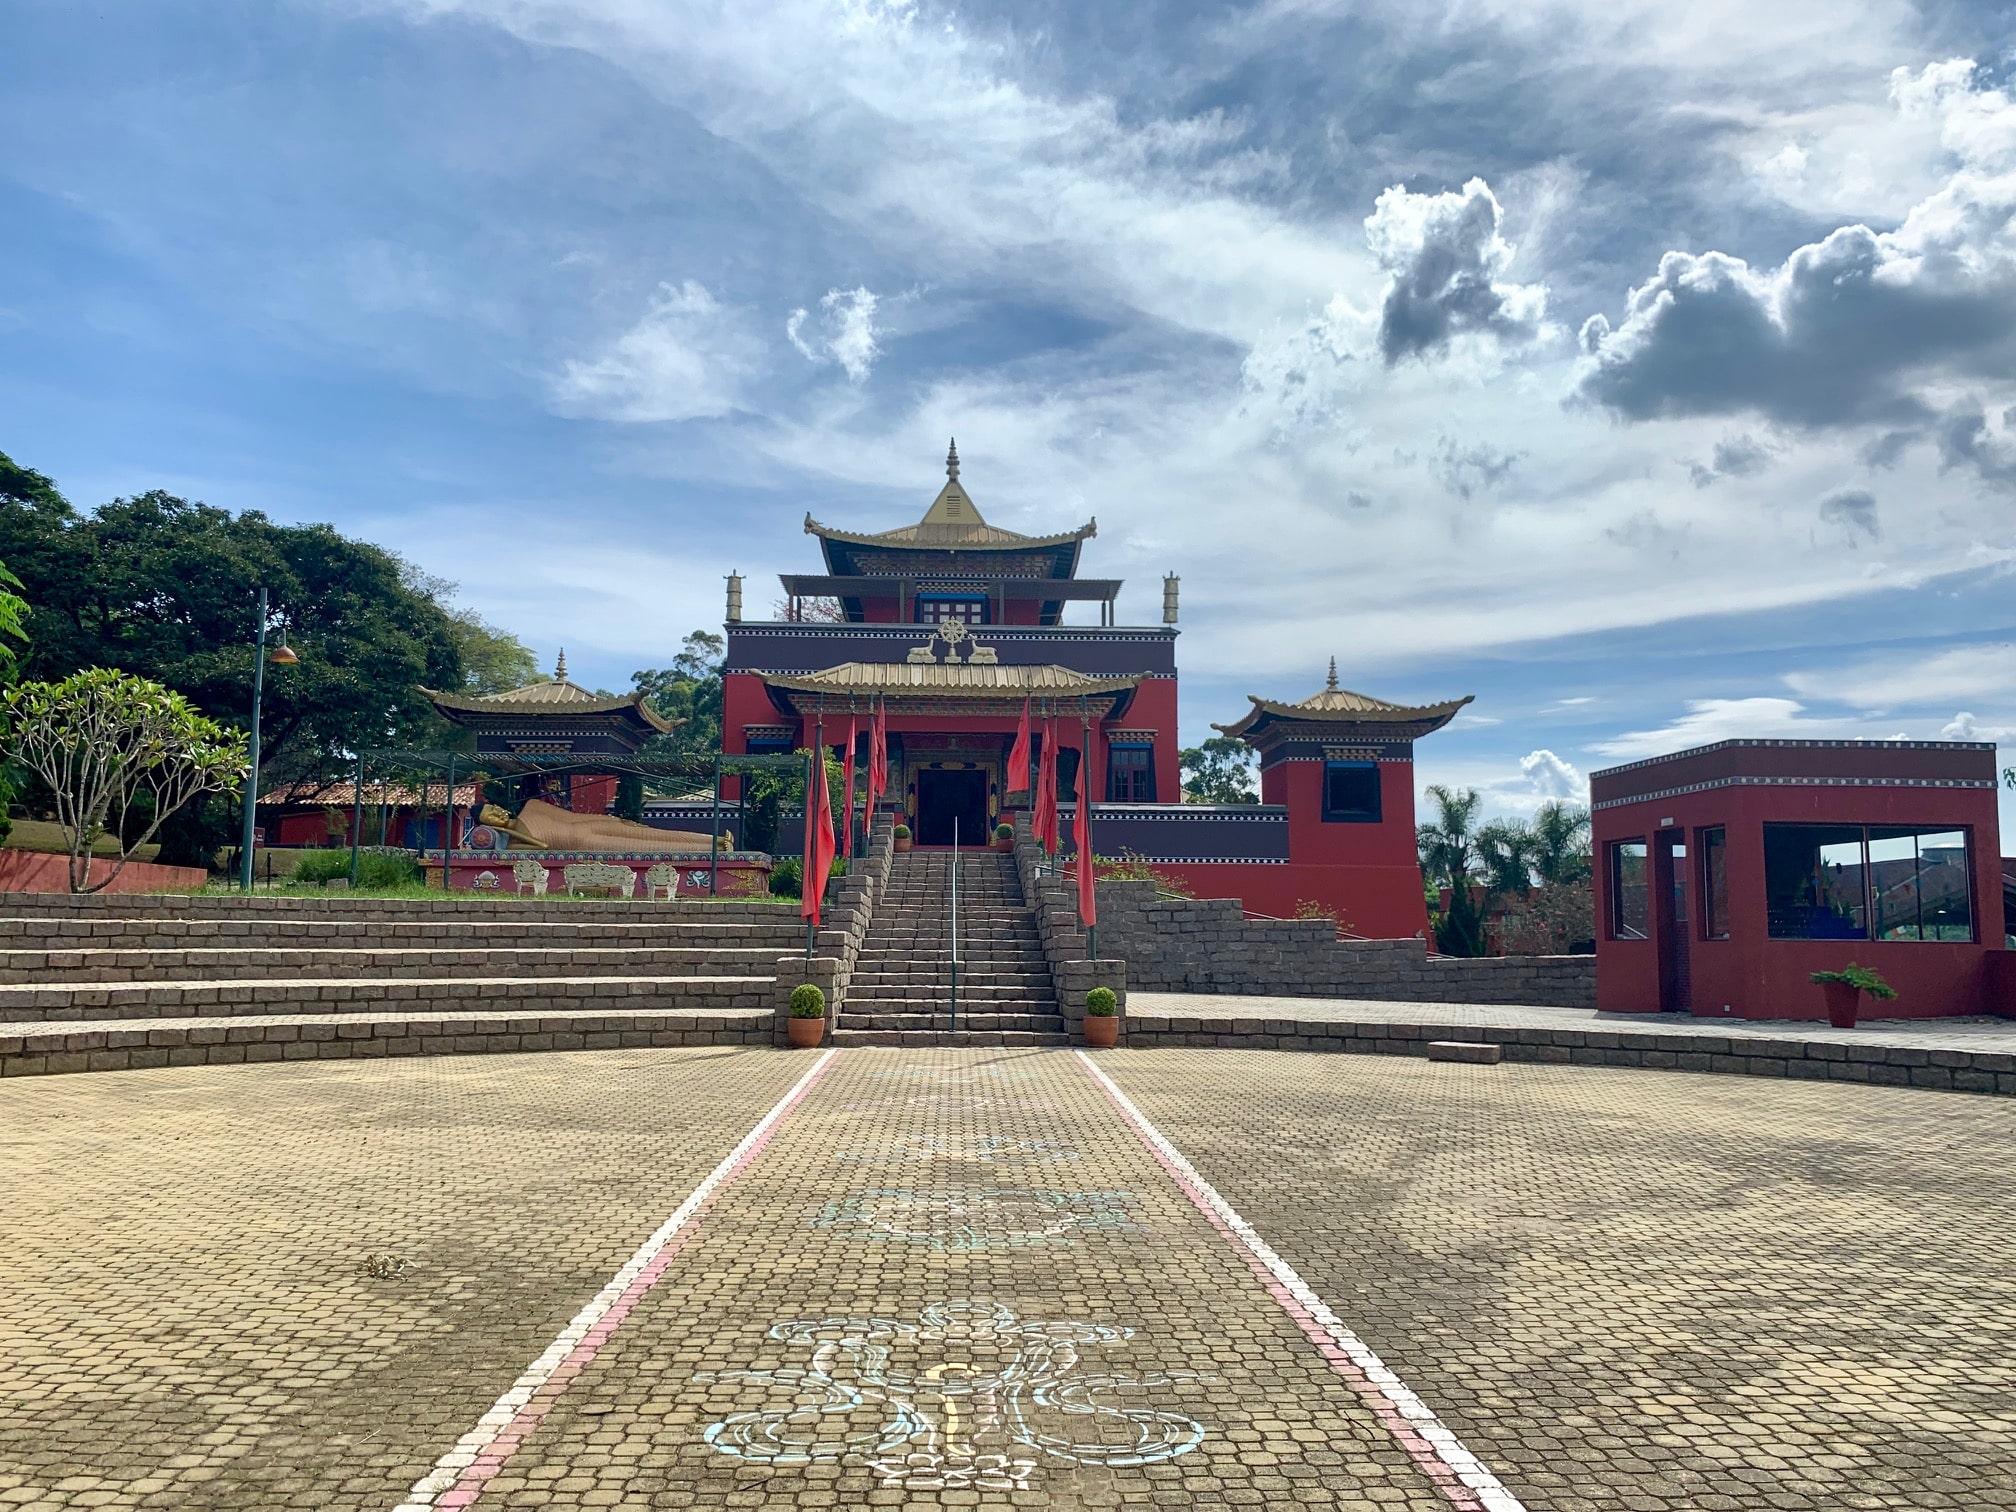 Que hacer cerca de Embu das Artes; visitar el templo budista Odsal Ling